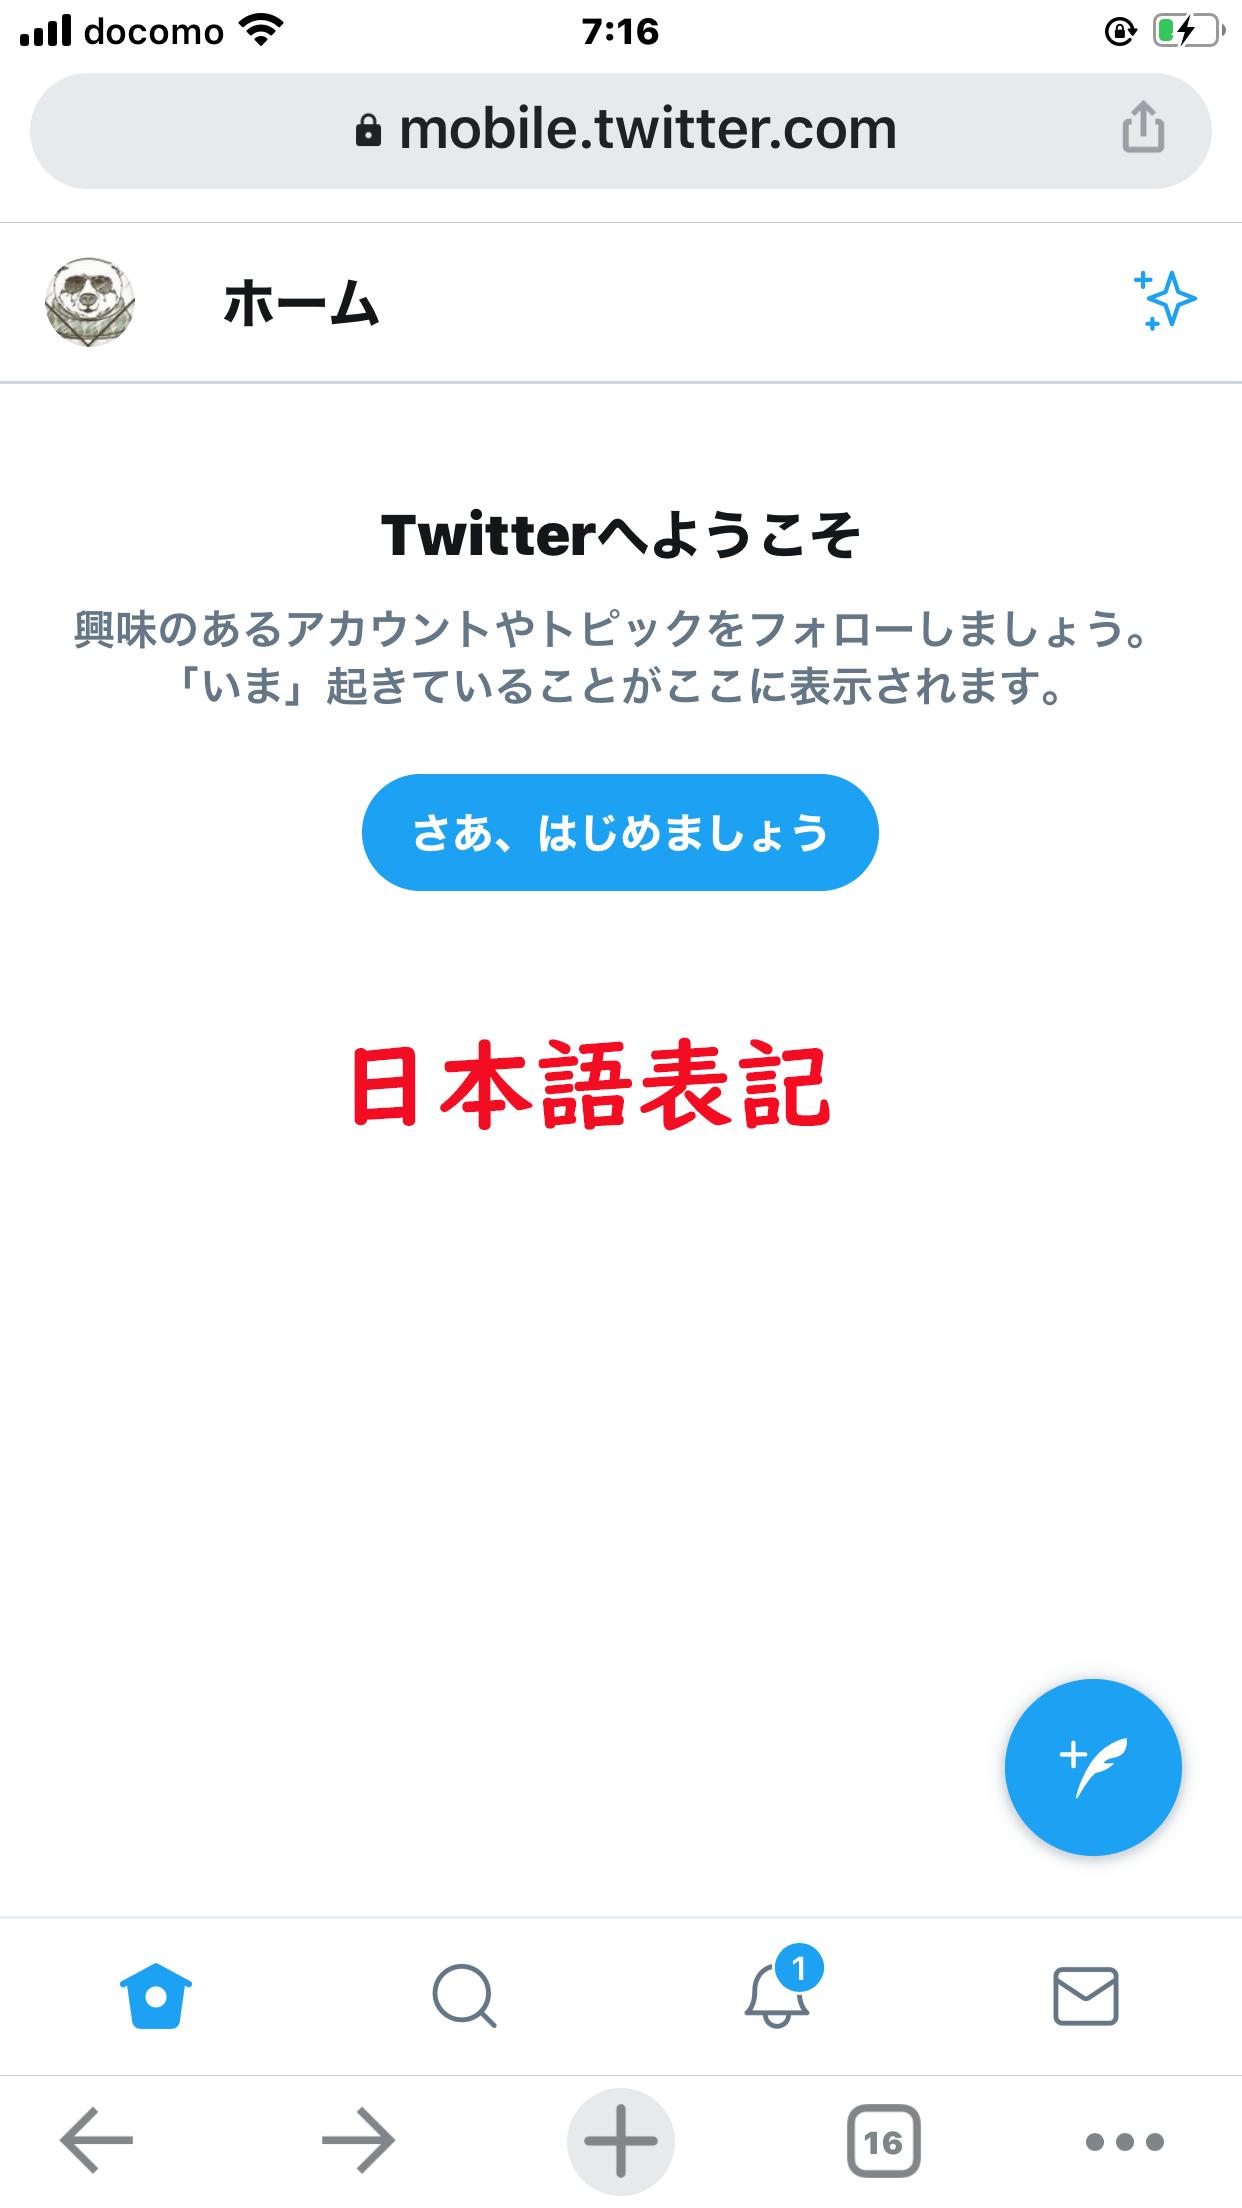 「save」をタップ(押す)して、このように英語表記から日本語表記になっていれば完了です。